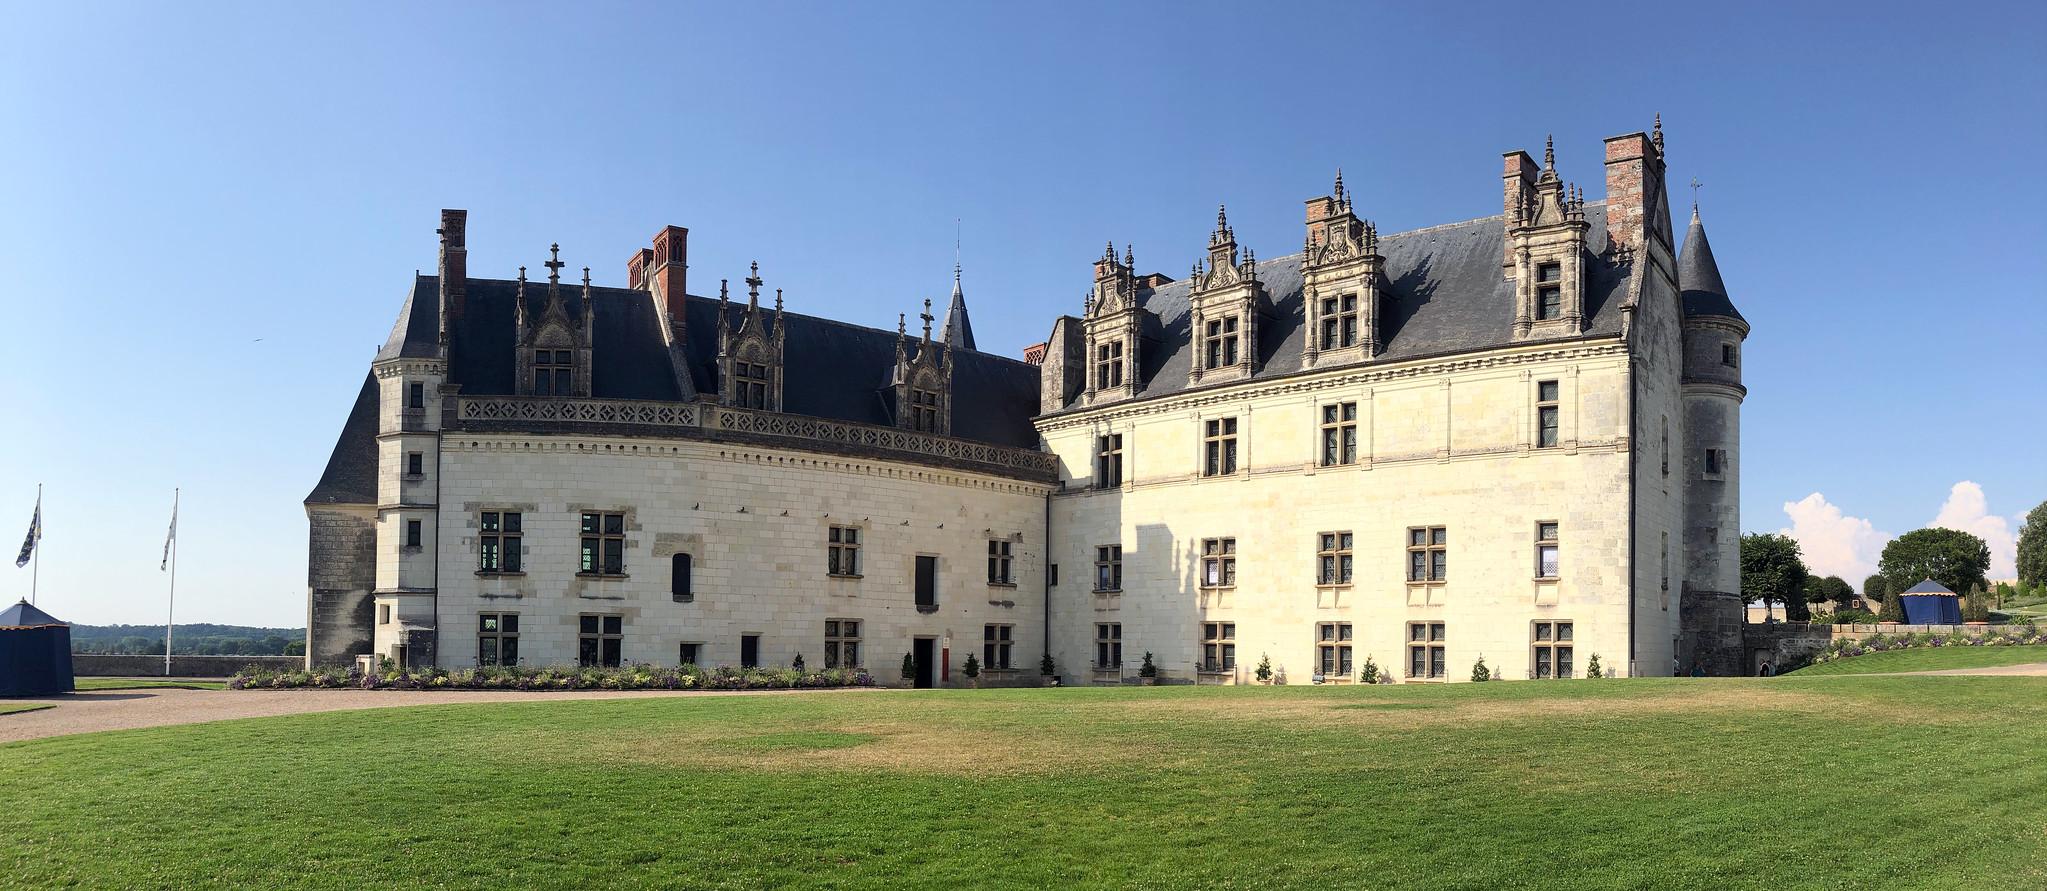 Valle del Loira en 2 días, Francia - Amboise, Tours, Chenonceau valle del loira en 2 días - 48643792836 789091e7ff k - Valle del Loira en 2 días